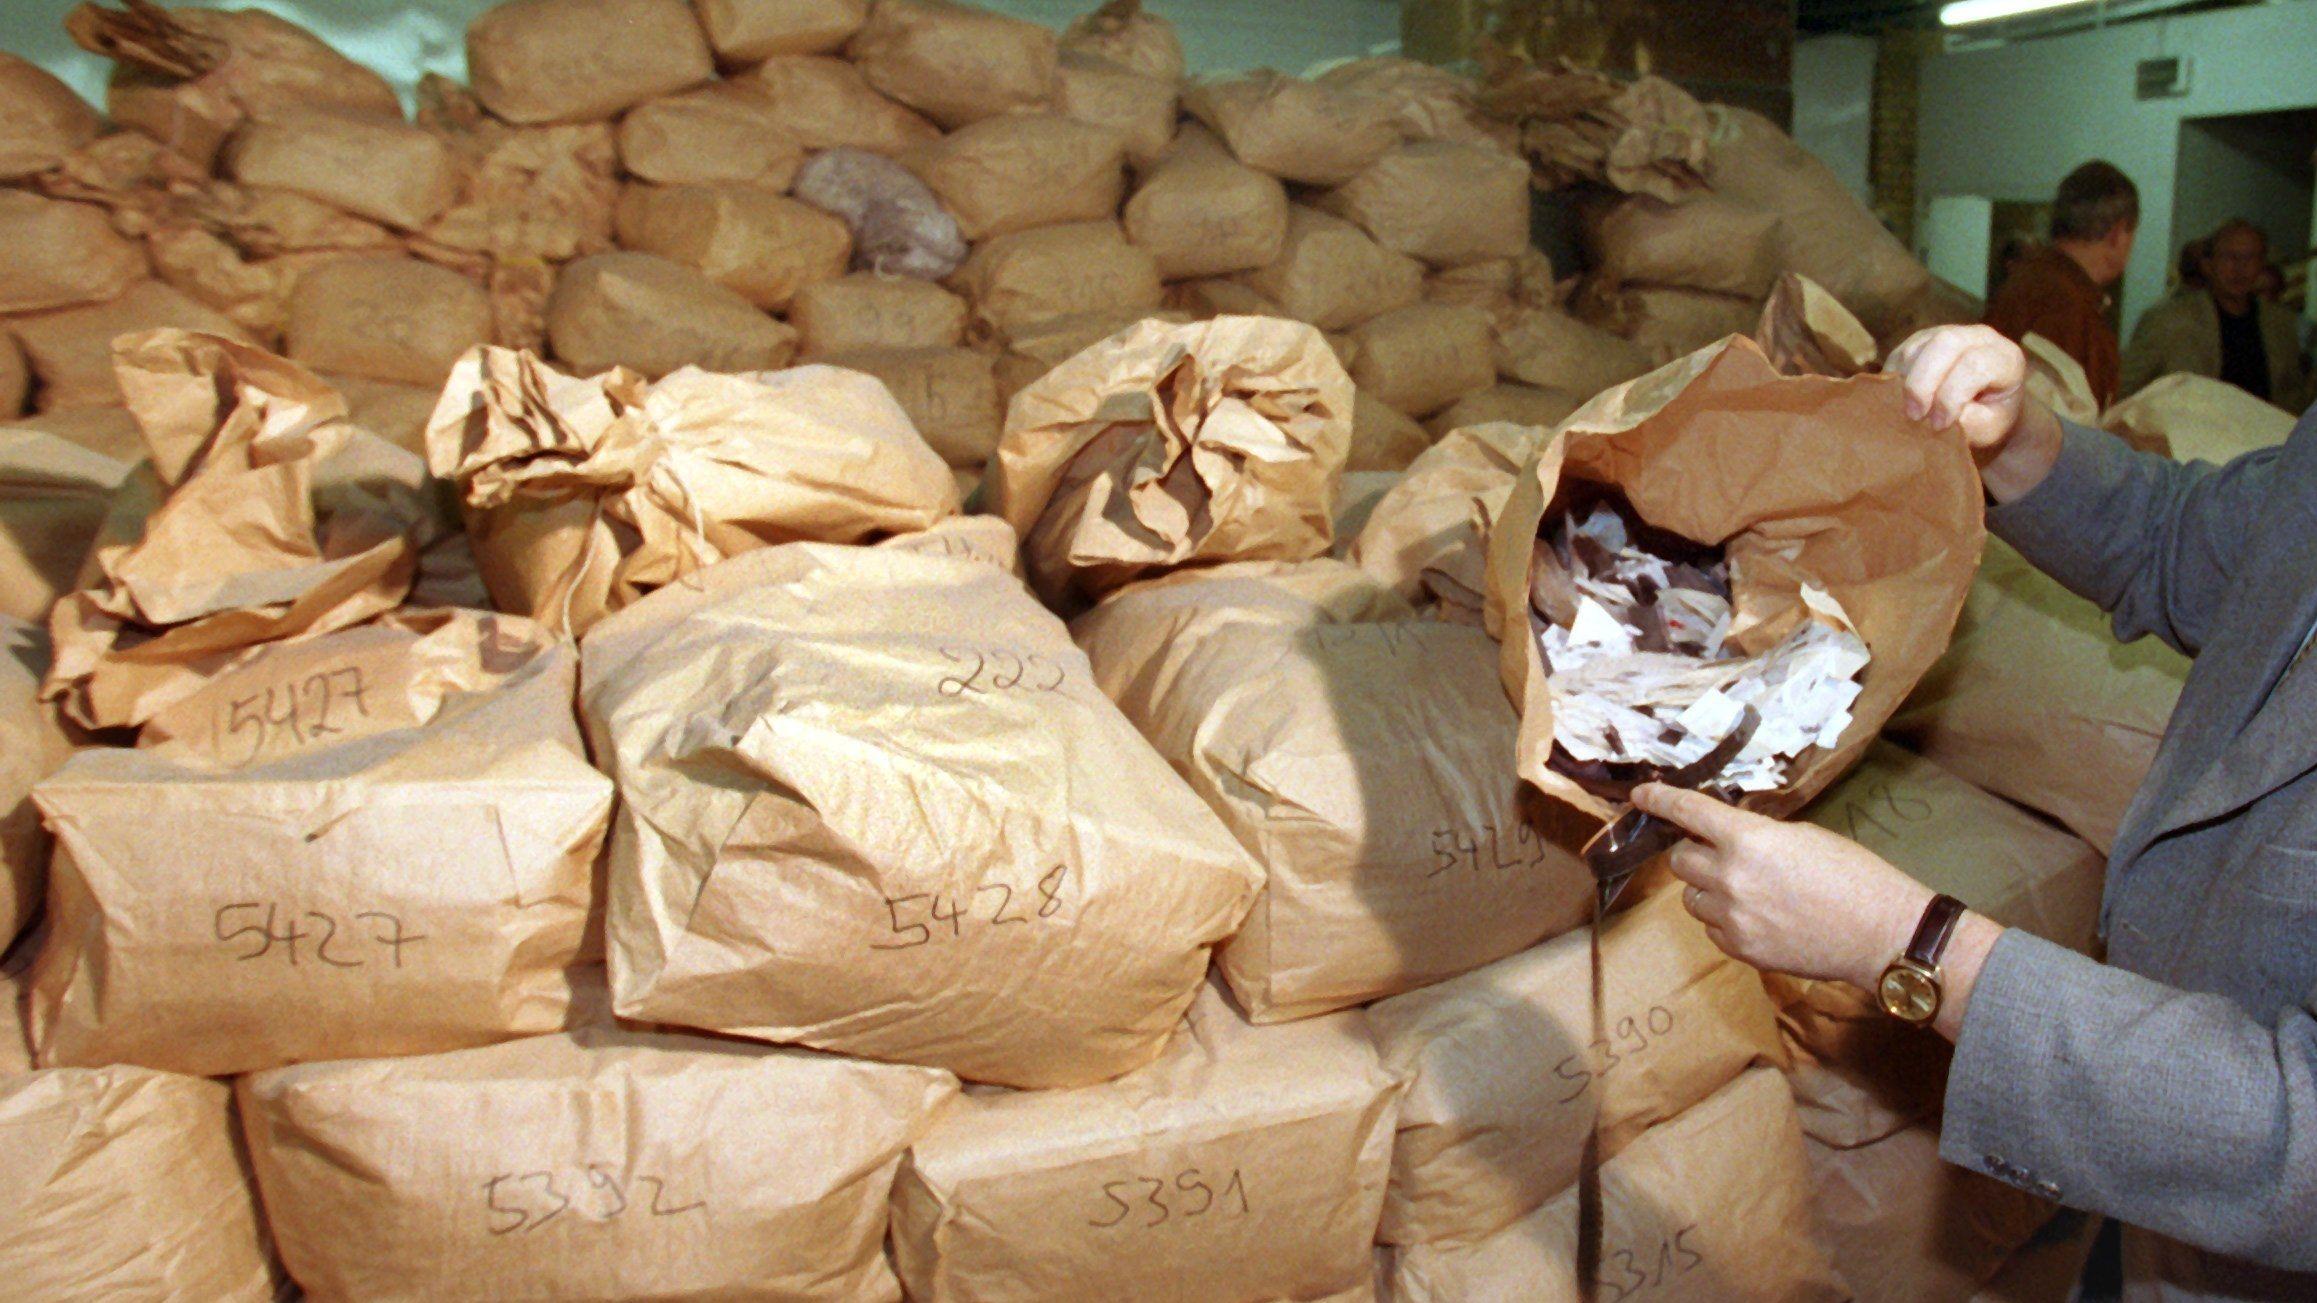 Von 16.000 Säcken mit Stasi-Aktenschnipseln wurden bisher nur rund 500 rekonstruiert.